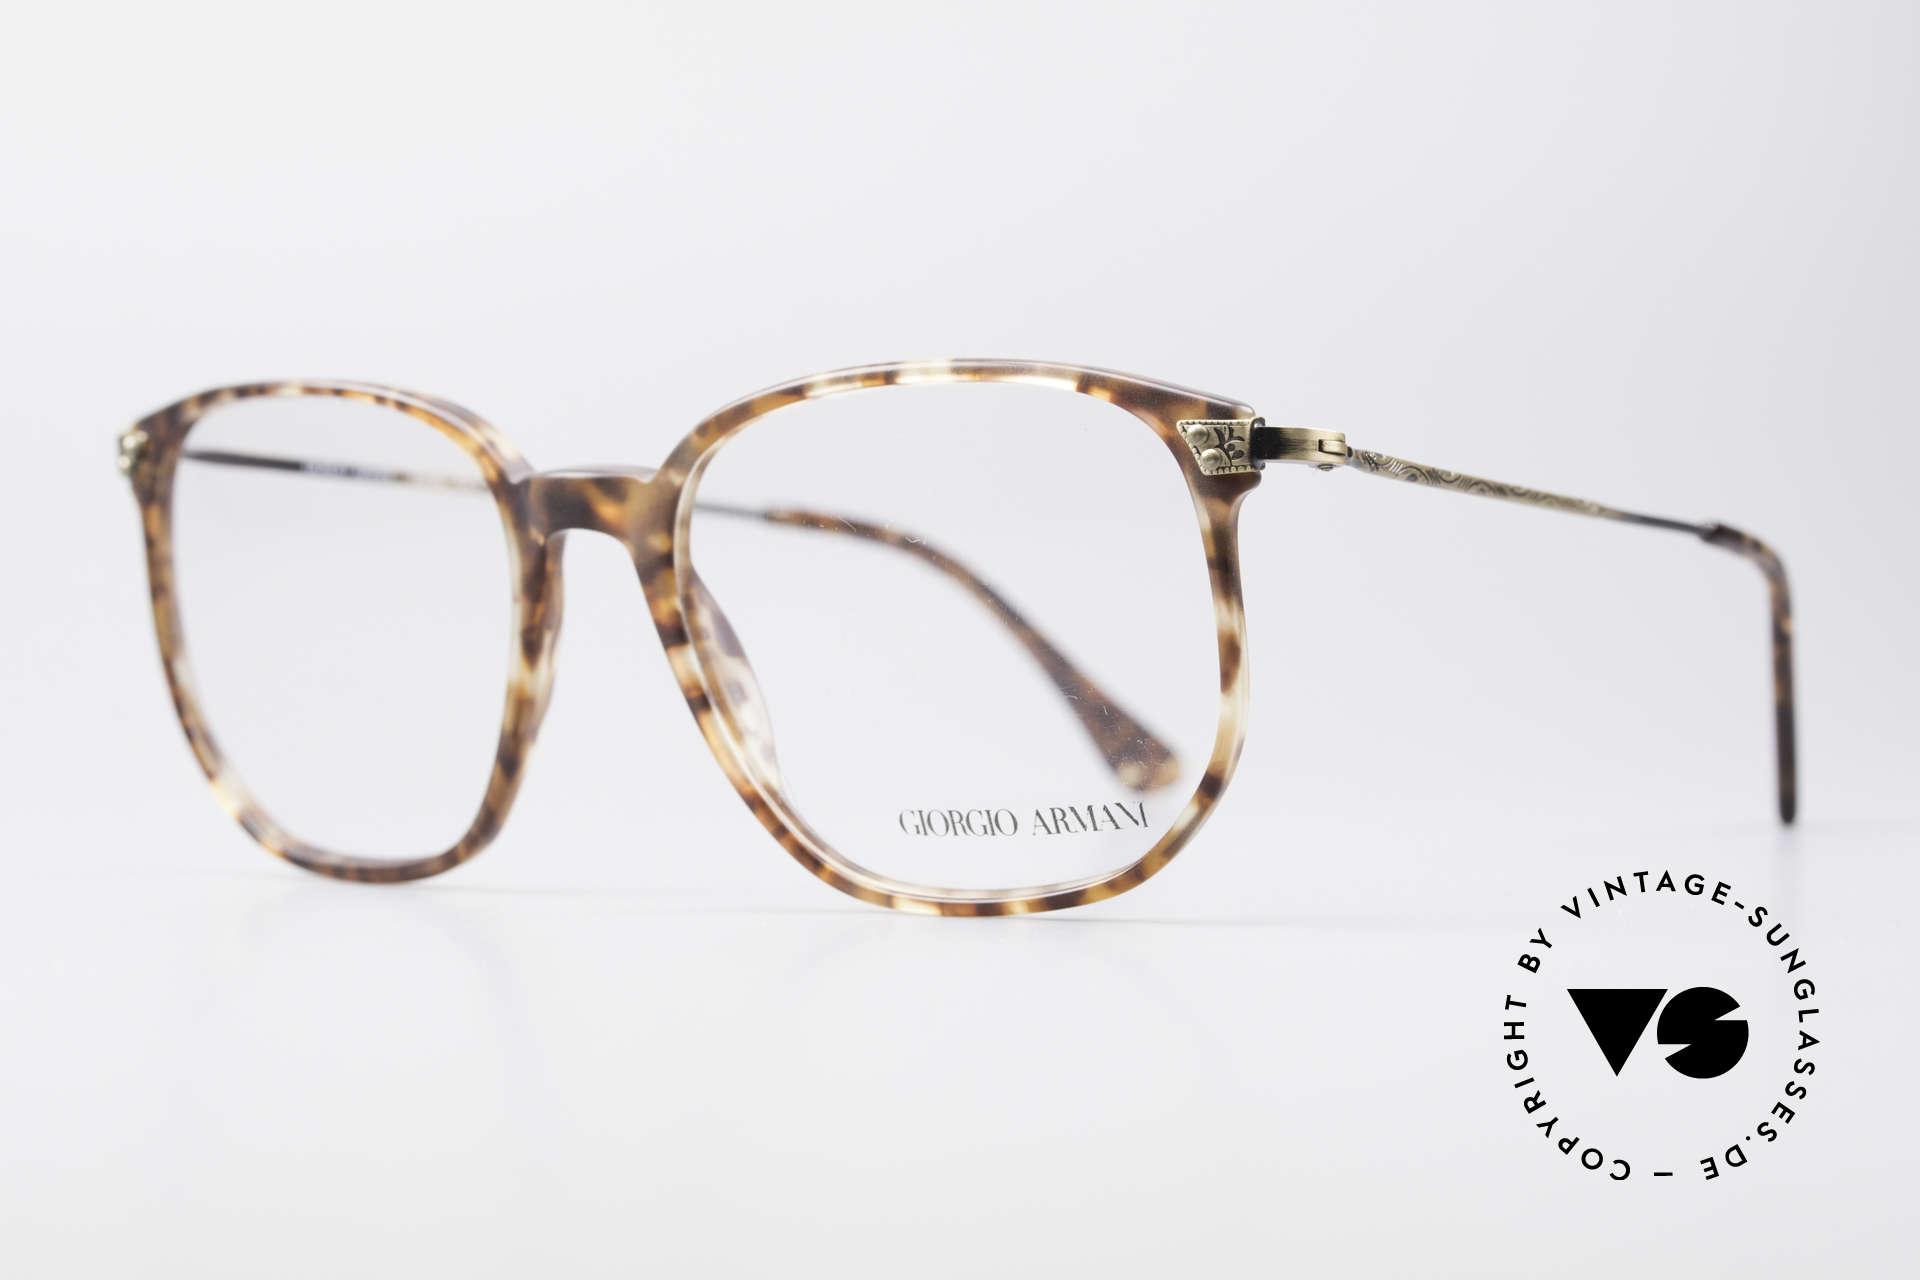 Giorgio Armani 335 Echte Vintage Unisex Brille, tolles Rahmenmuster und aufwendig verzierte Bügel, Passend für Herren und Damen